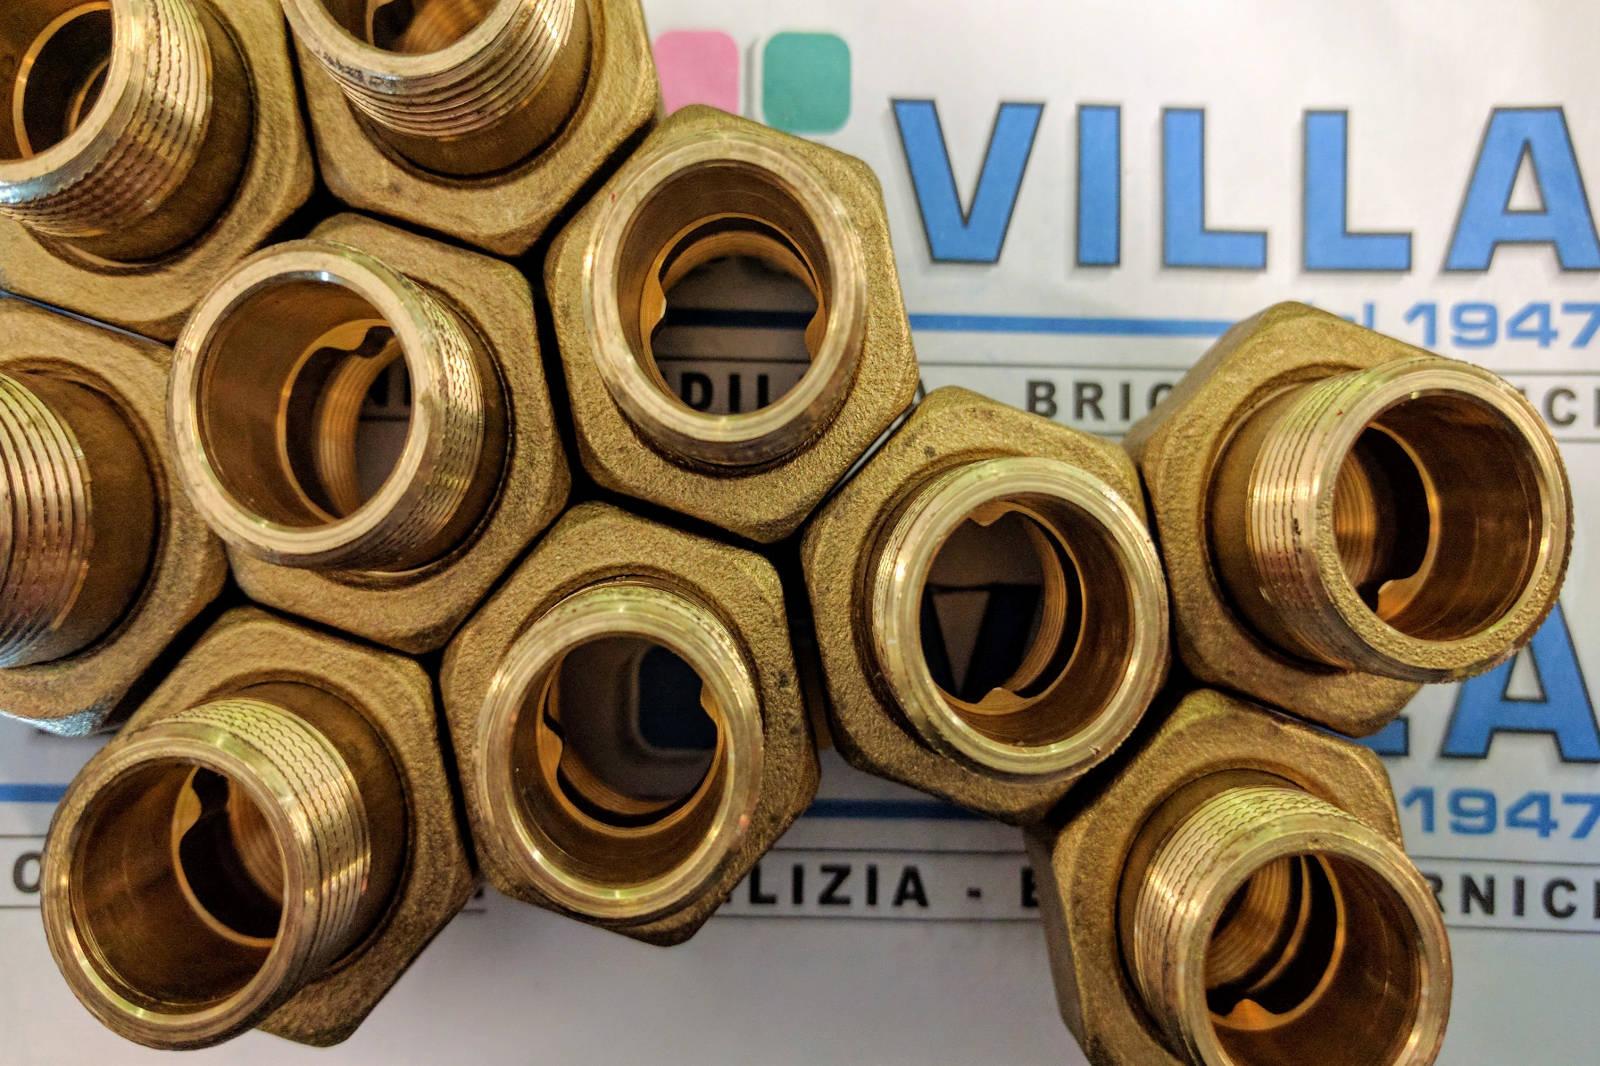 raccordi-e-manicotti-di-ottone-disponibili-presso-Villa-Srl-di-Frosinone.jpg